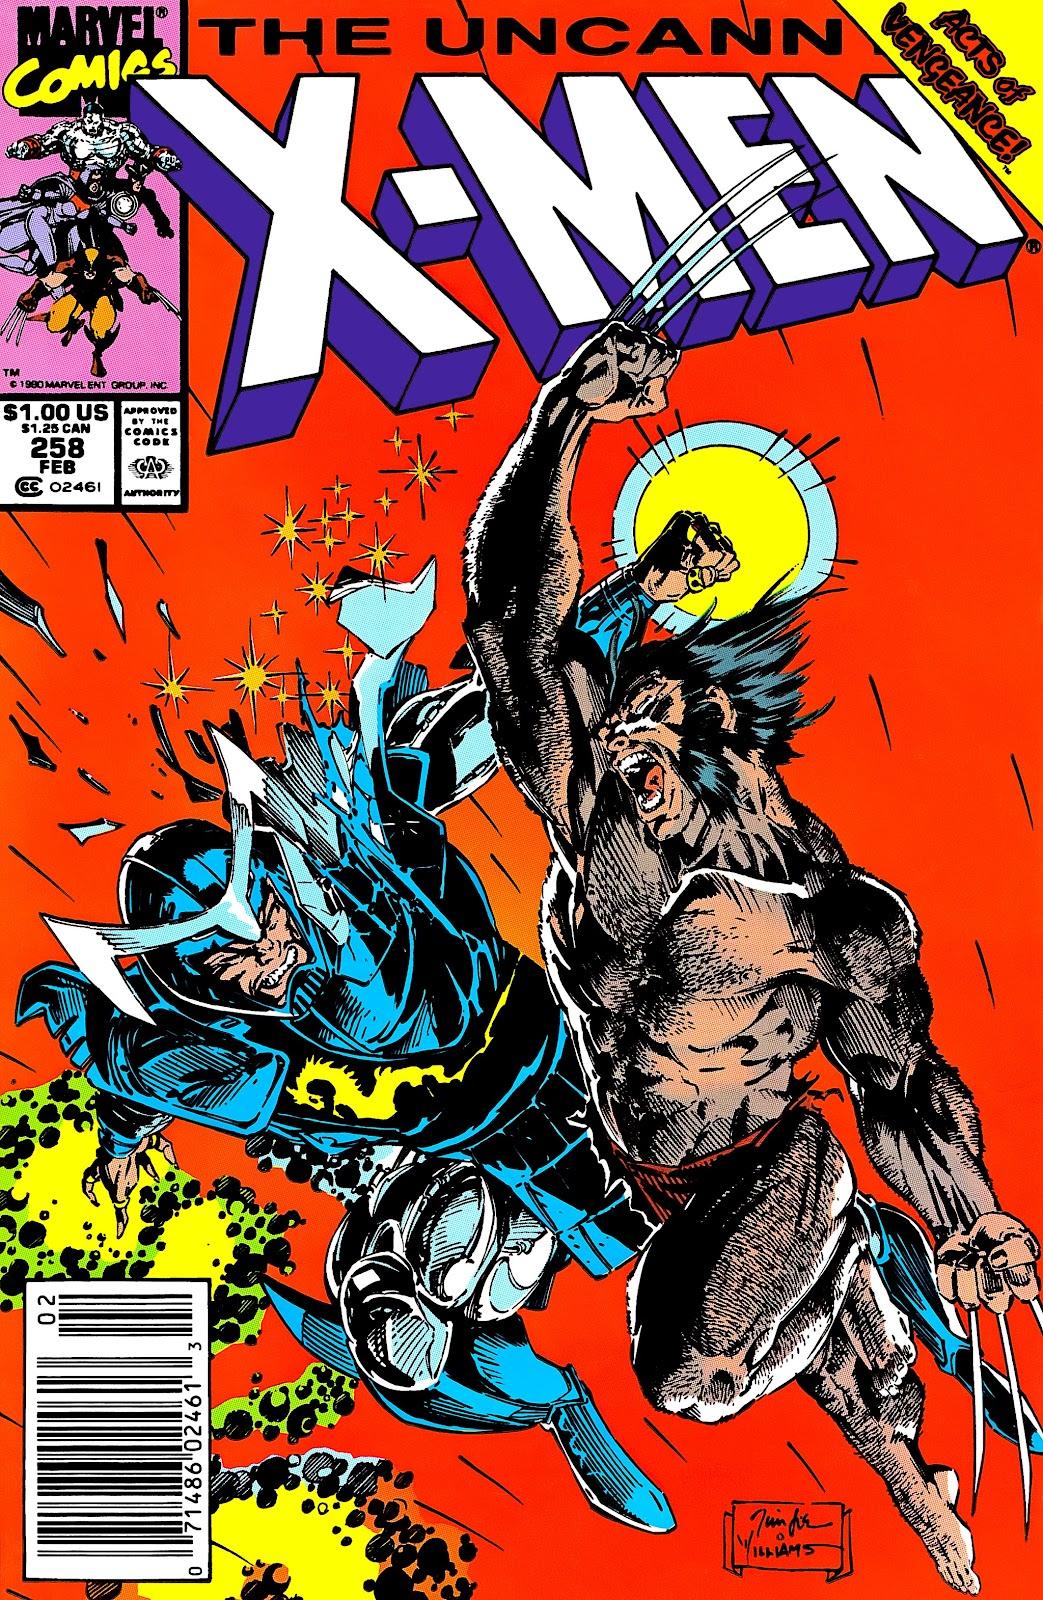 Uncanny X-Men (1963) 258 Page 1